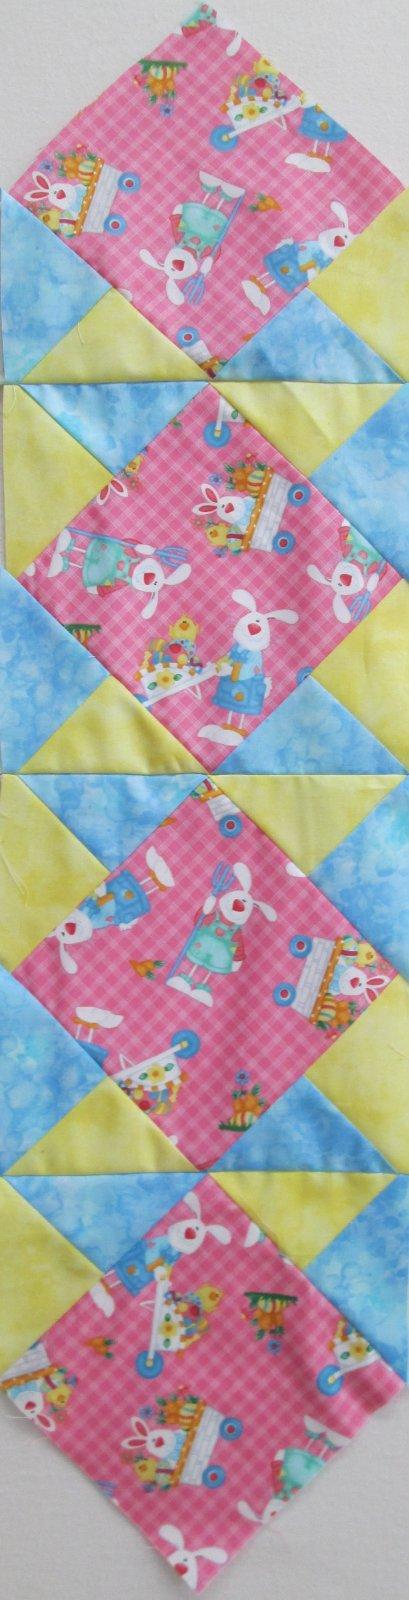 Down On The Bunny Farm Sew 2 Again Table Runner Sample 9 x 40